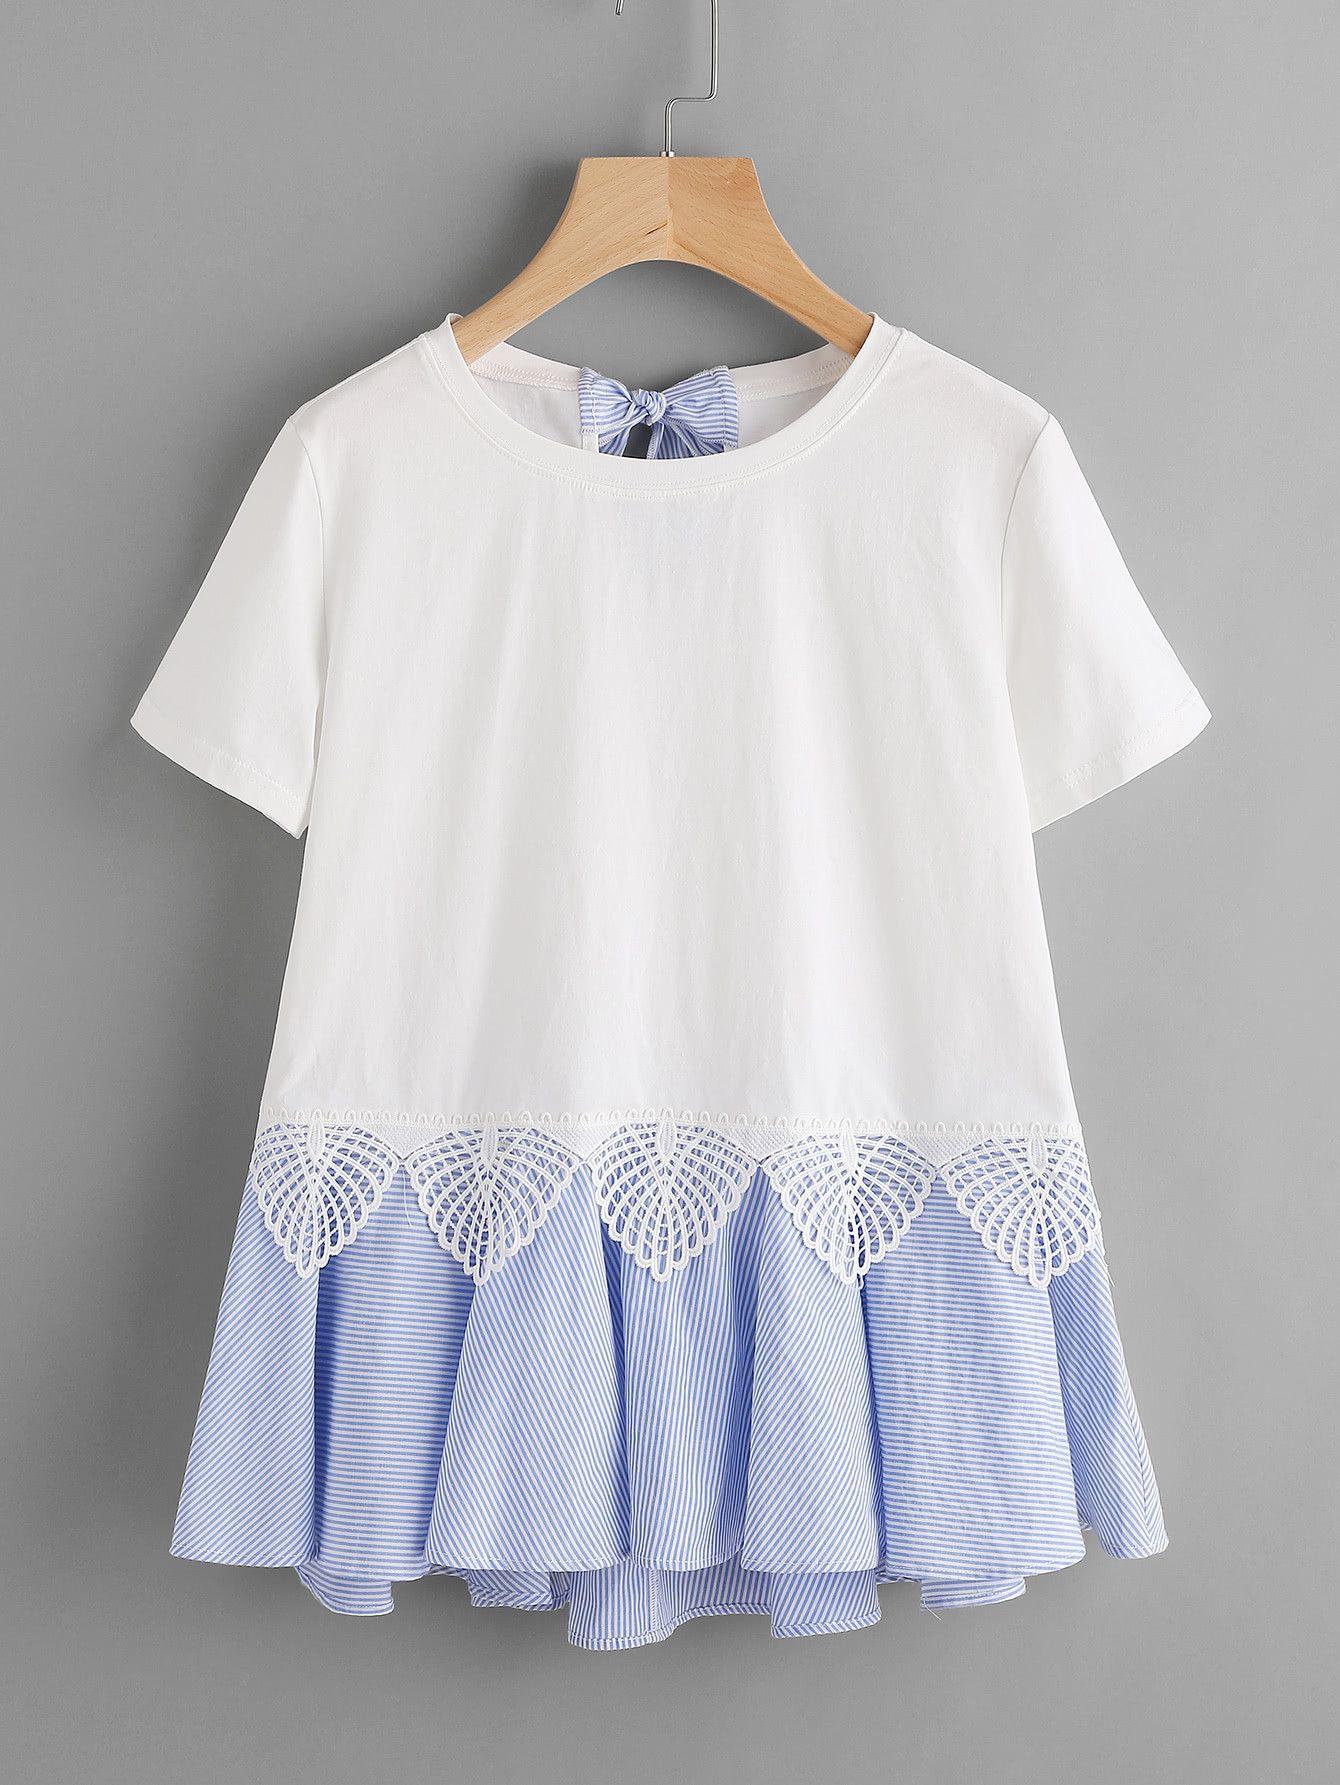 Tee-shirt à rayures avec des plis et nœud papillon -French SheIn(Sheinside) 96441c74293